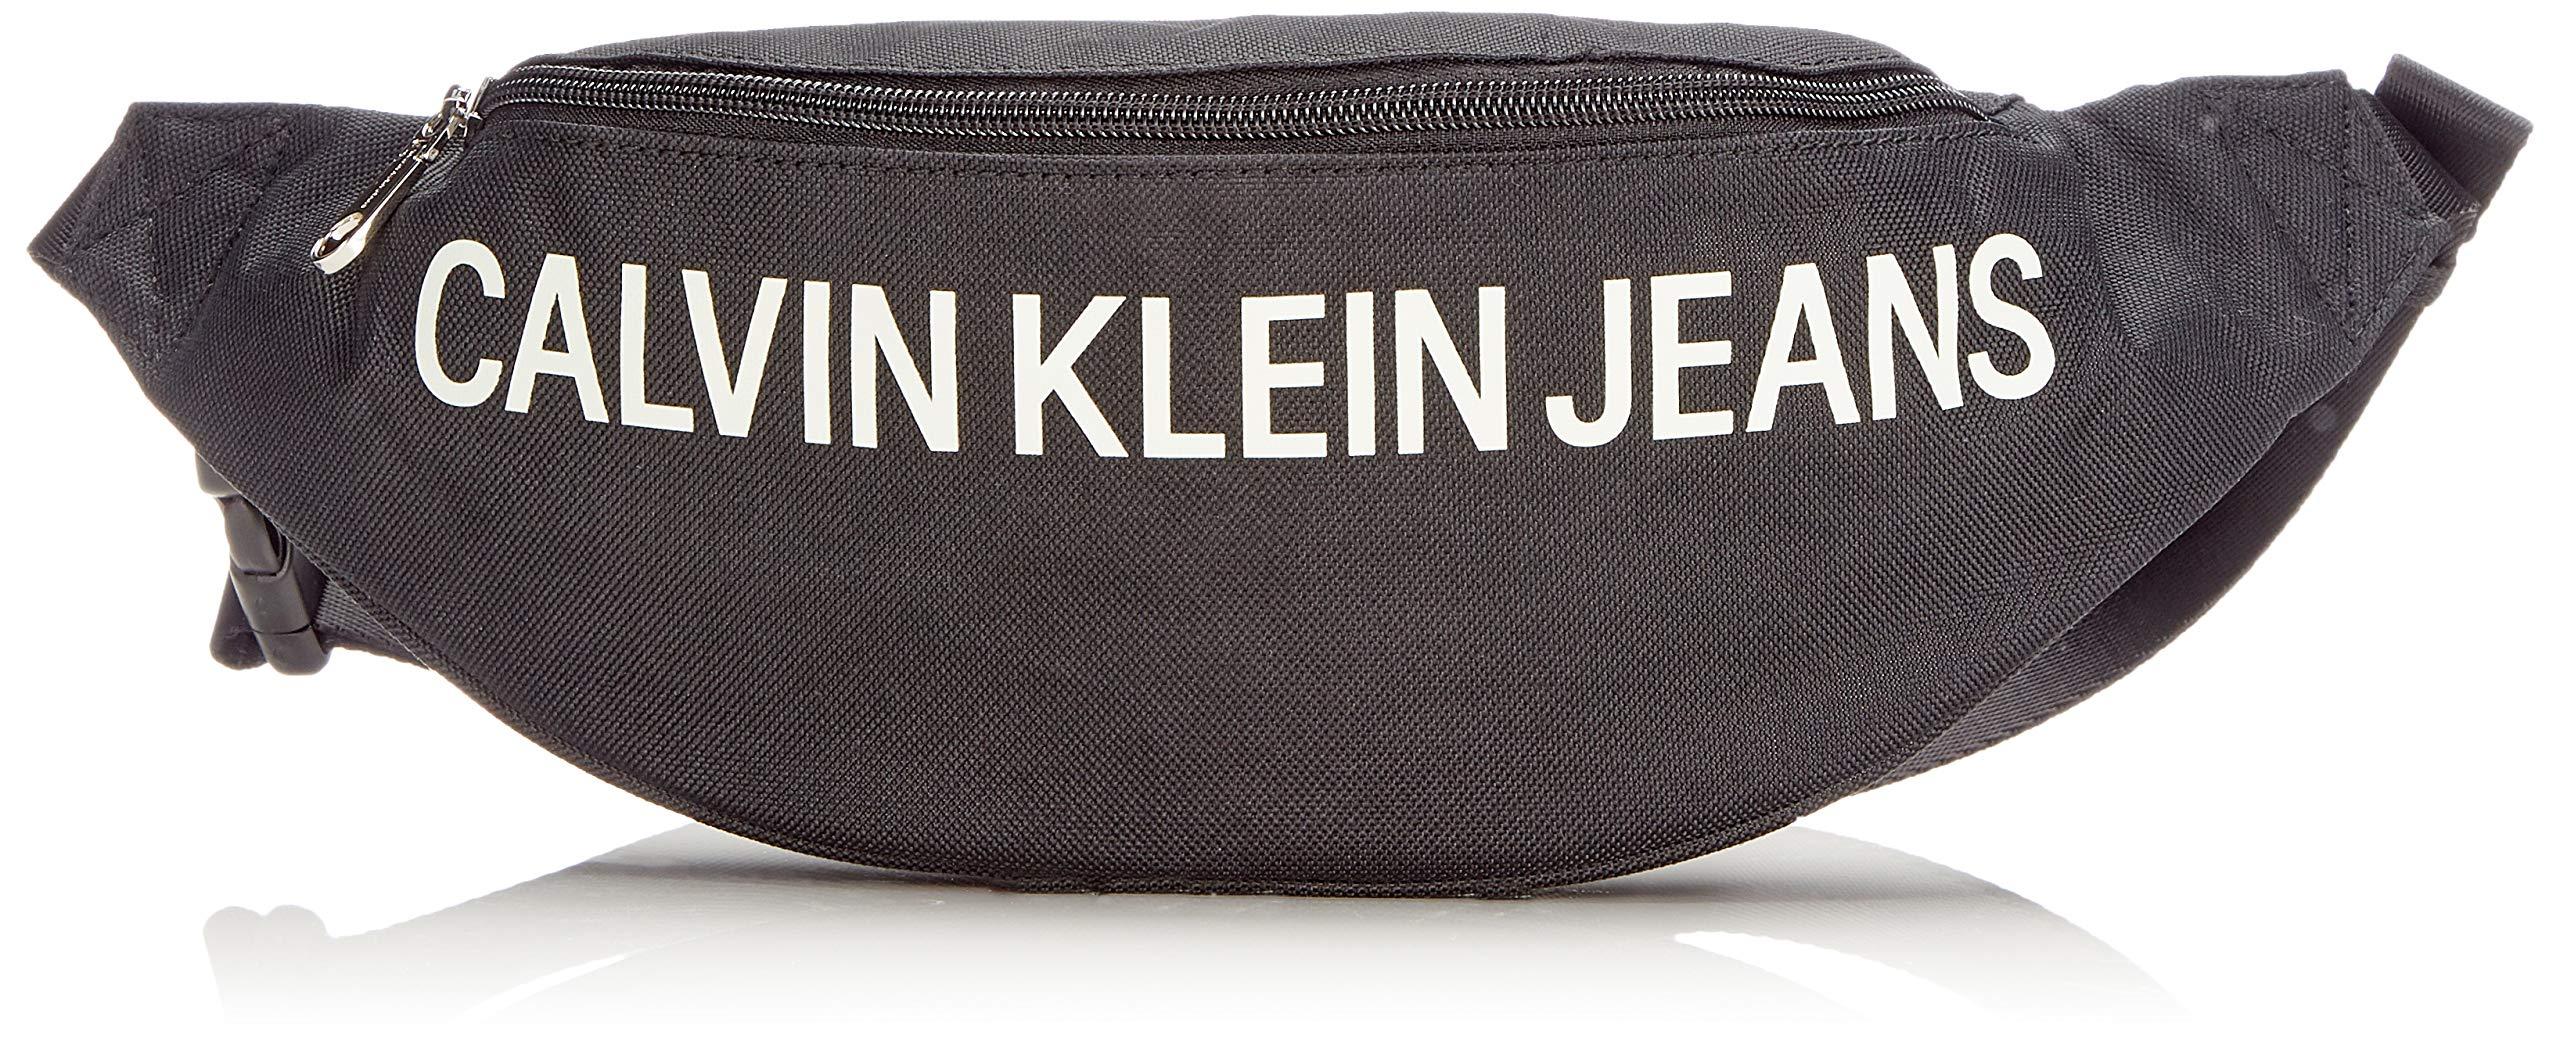 HommeMulticolorebillboard L Cmb PackSac X 5 Street Klein Sport 5x15x38 Print9 Essentials Porté Calvin H T Jeans Main FKJTc3l1